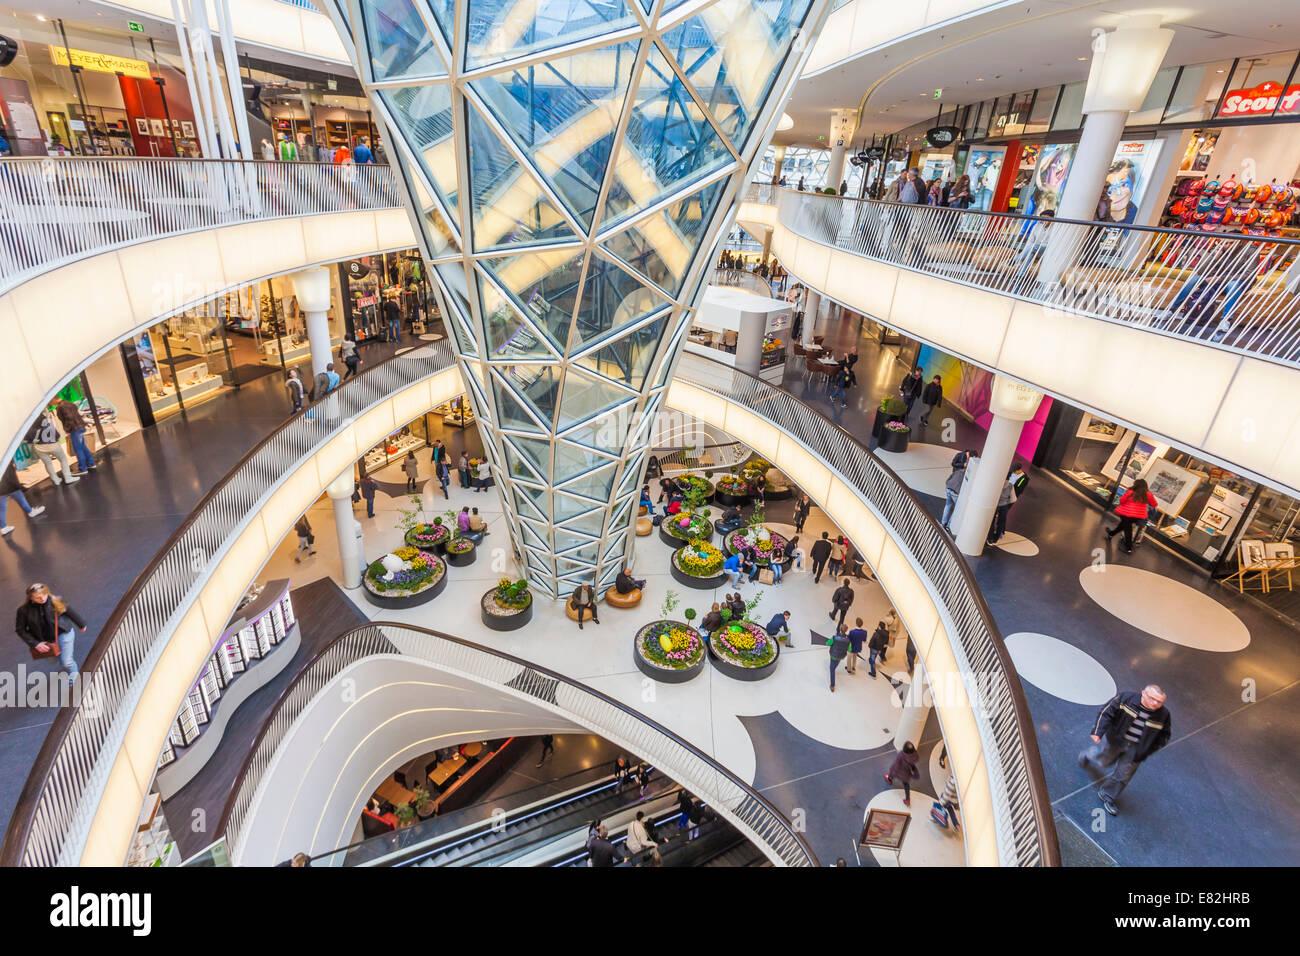 Frankfurt Shopping